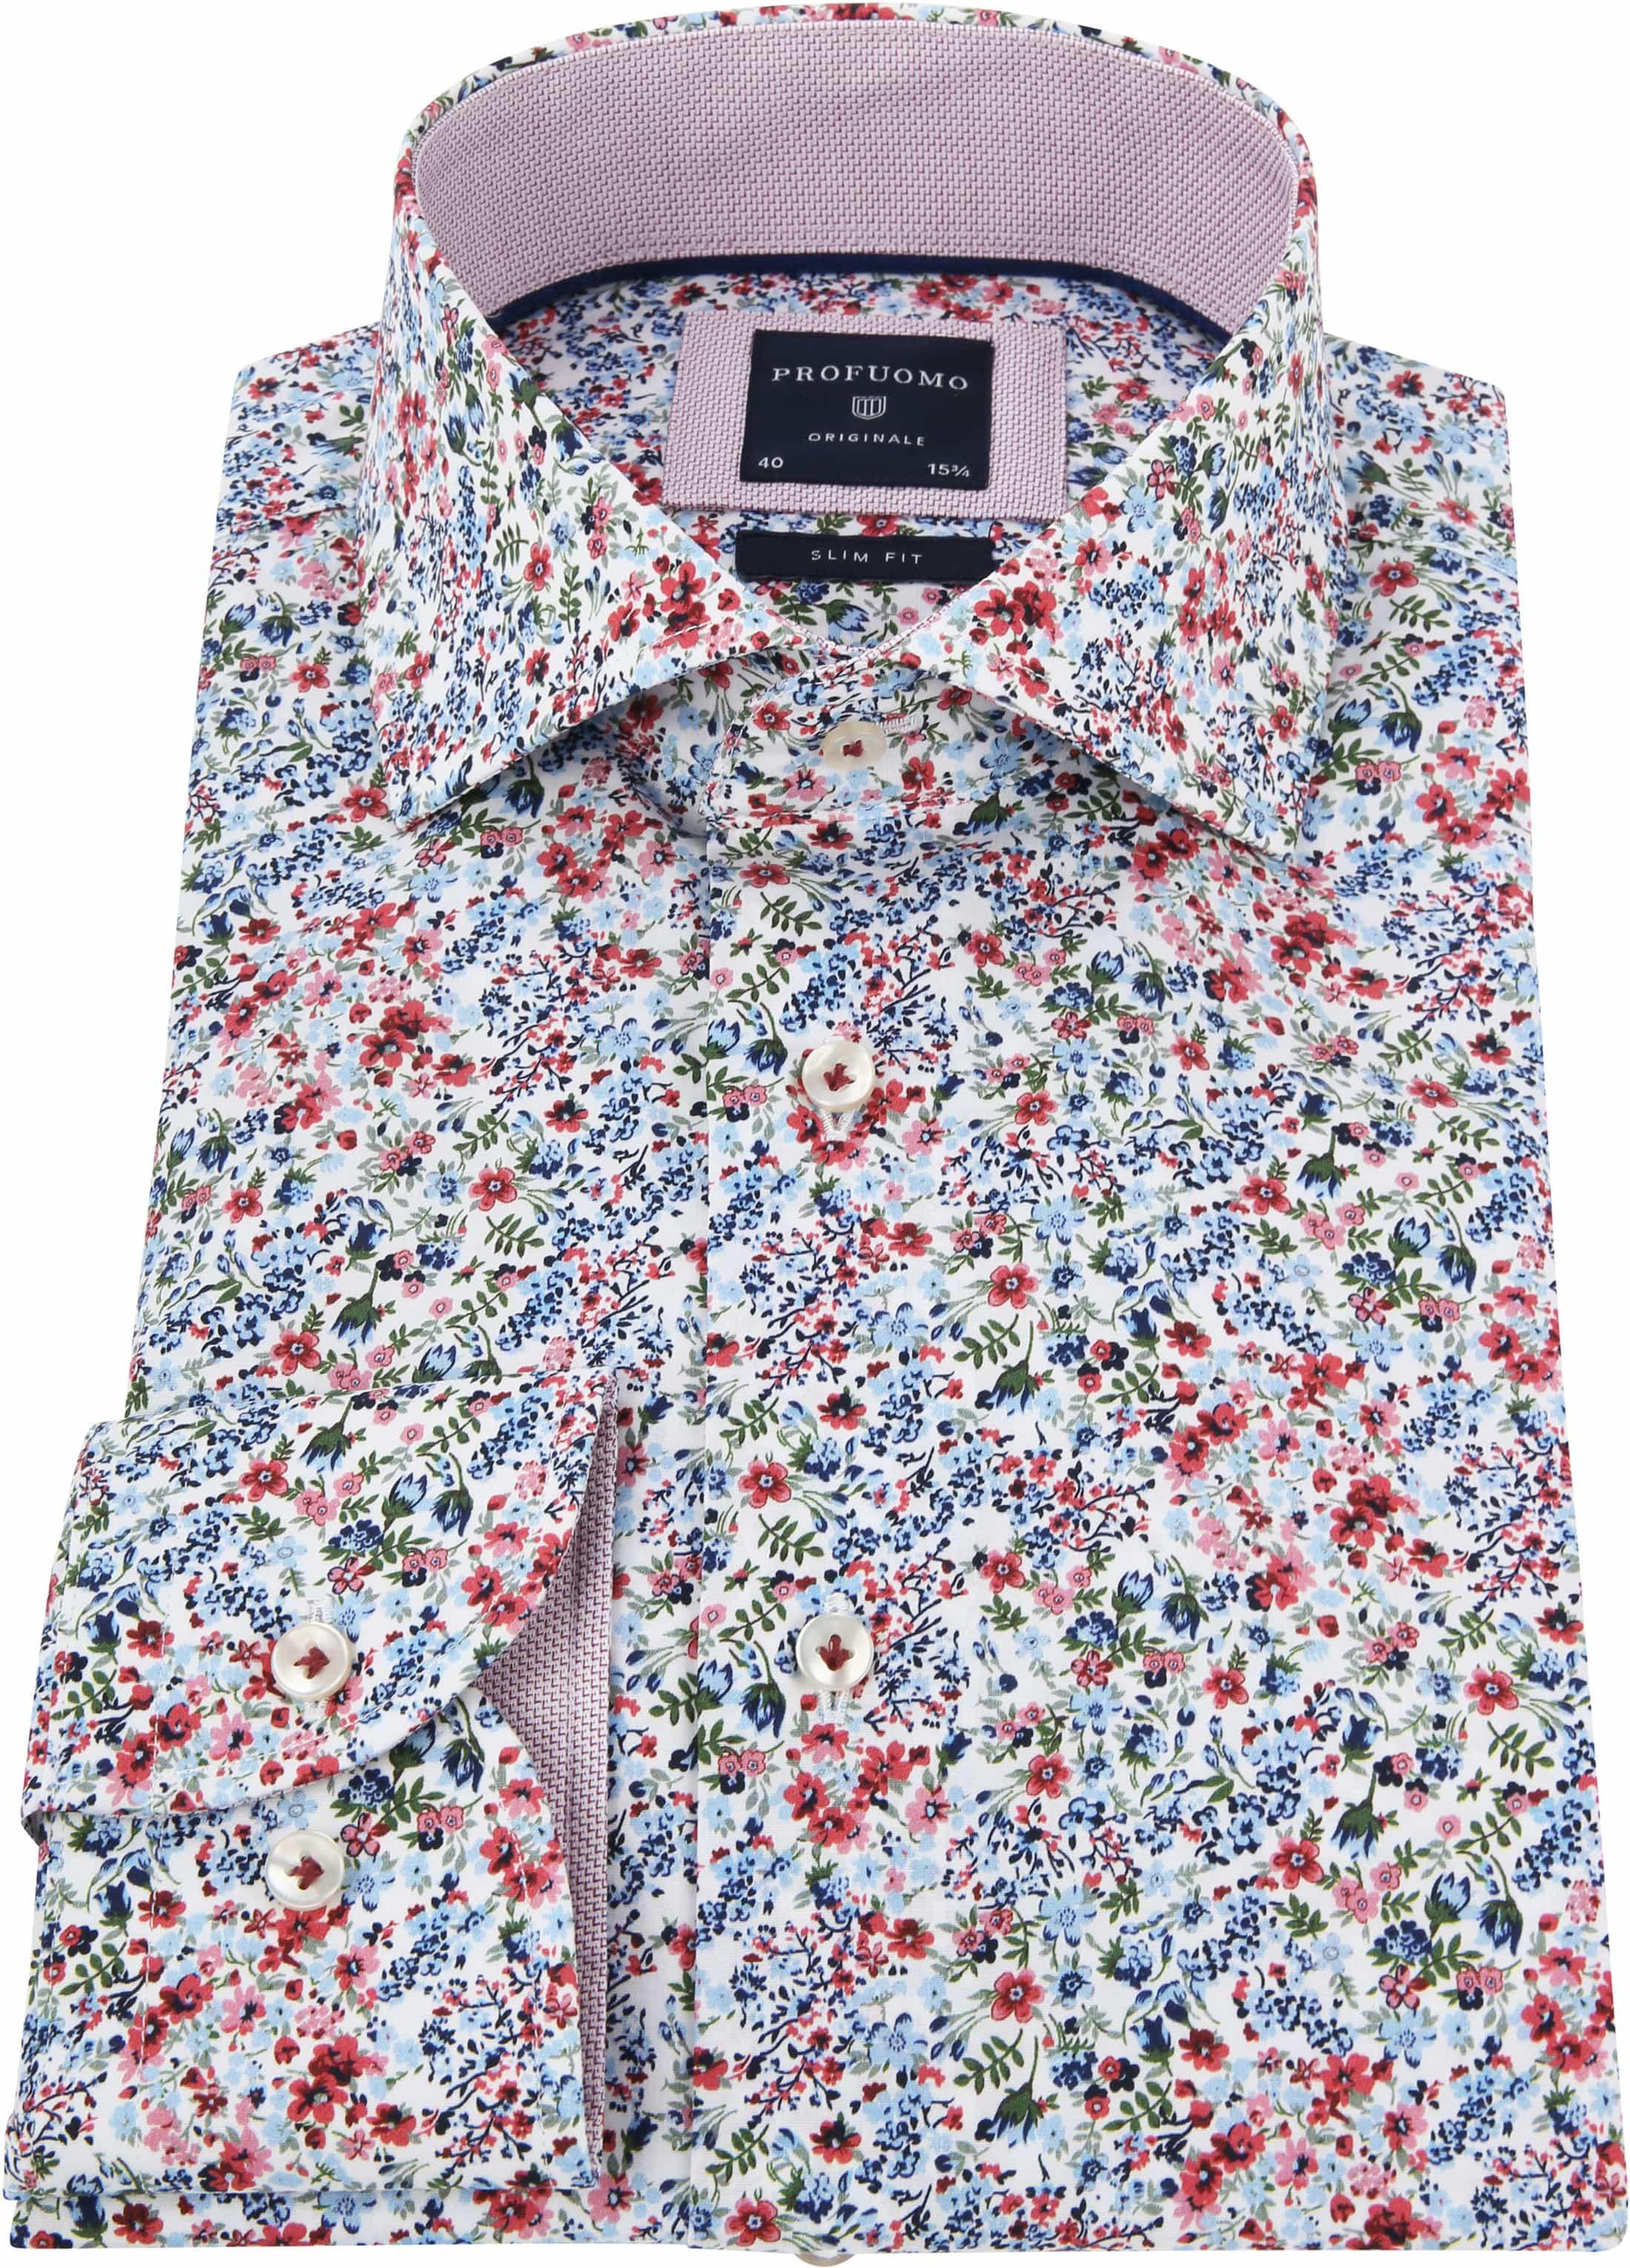 Profuomo Overhemd Bloemen foto 2